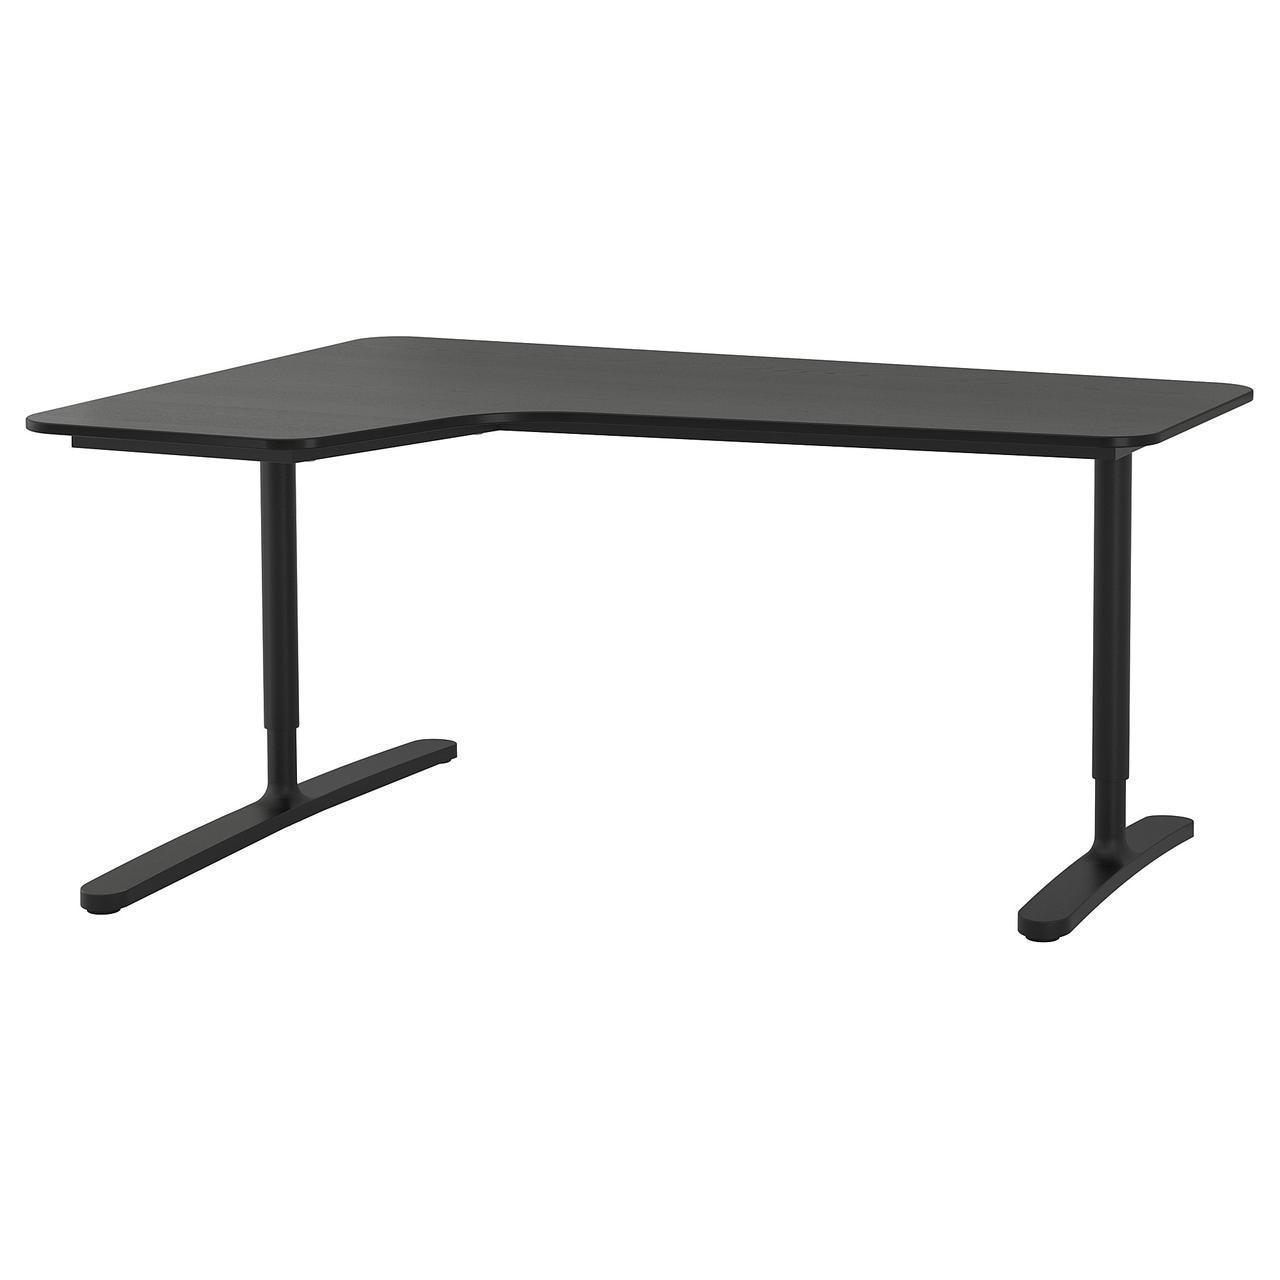 Комп'ютерний стіл IKEA BEKANT 160x110 см кутовий ясен чорний 192.828.01